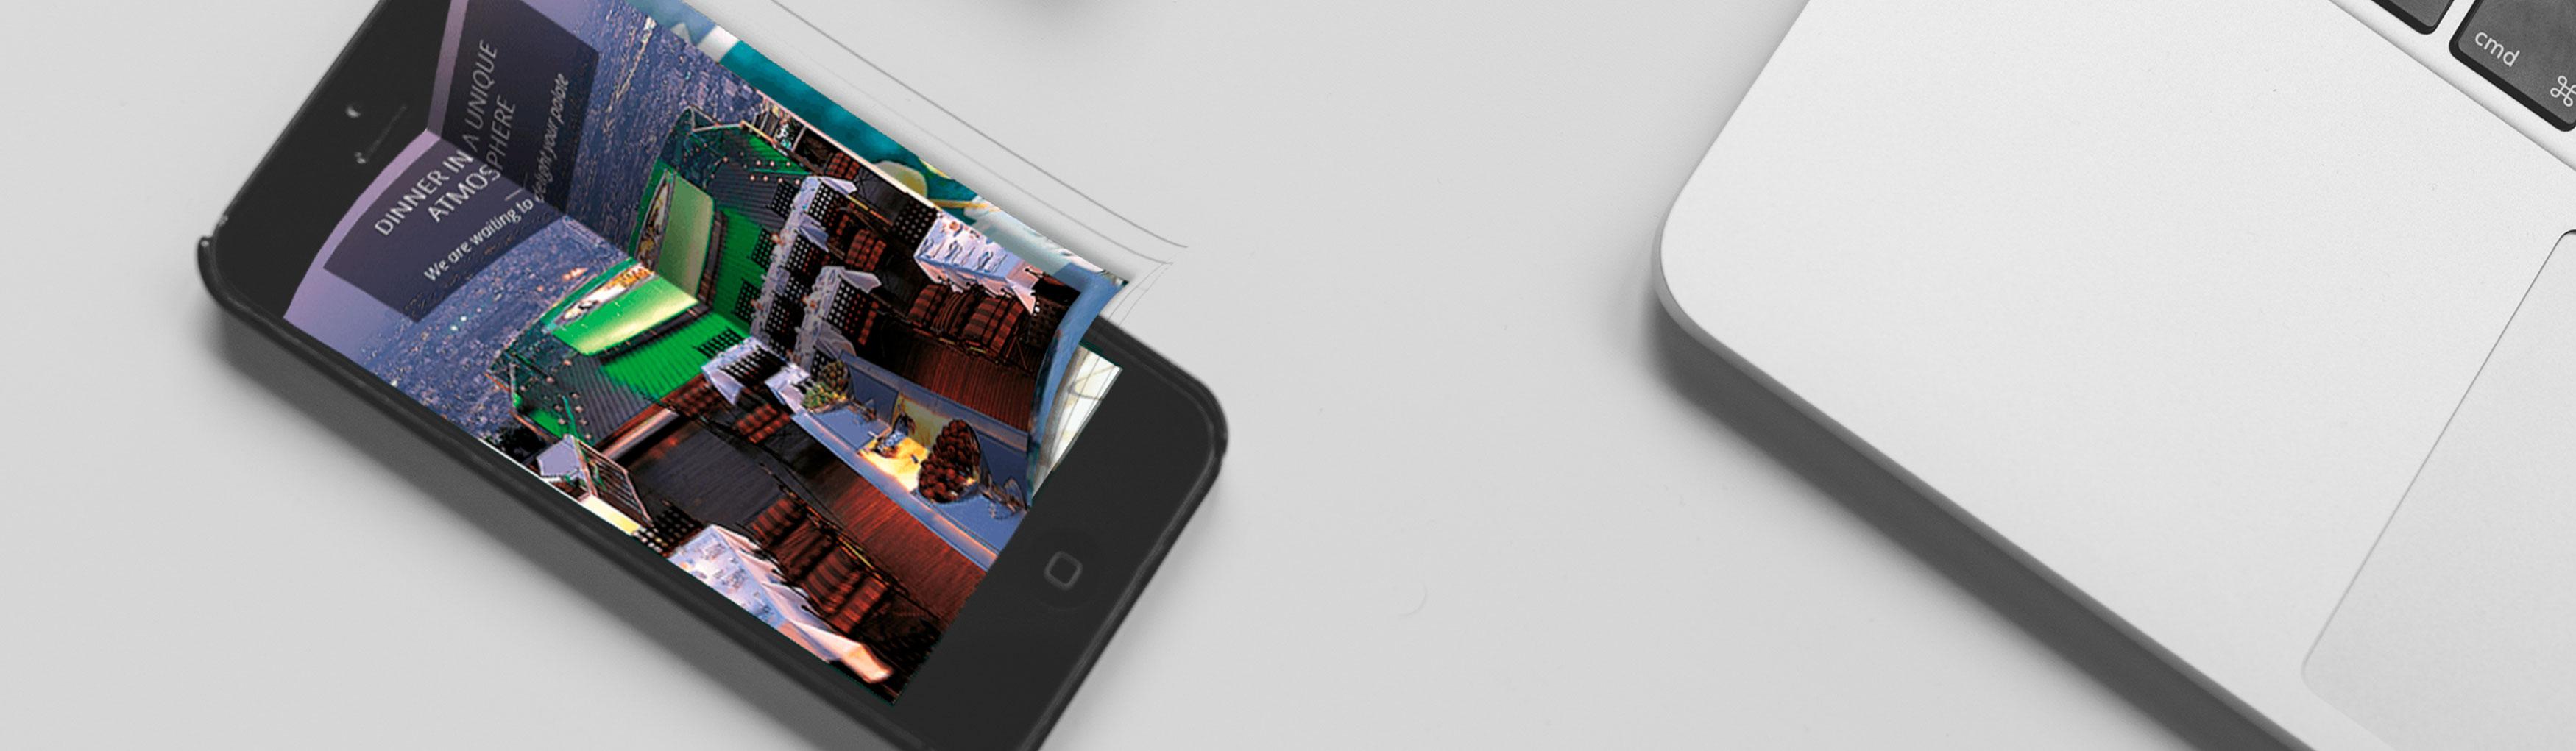 Storytelling-Smartphone